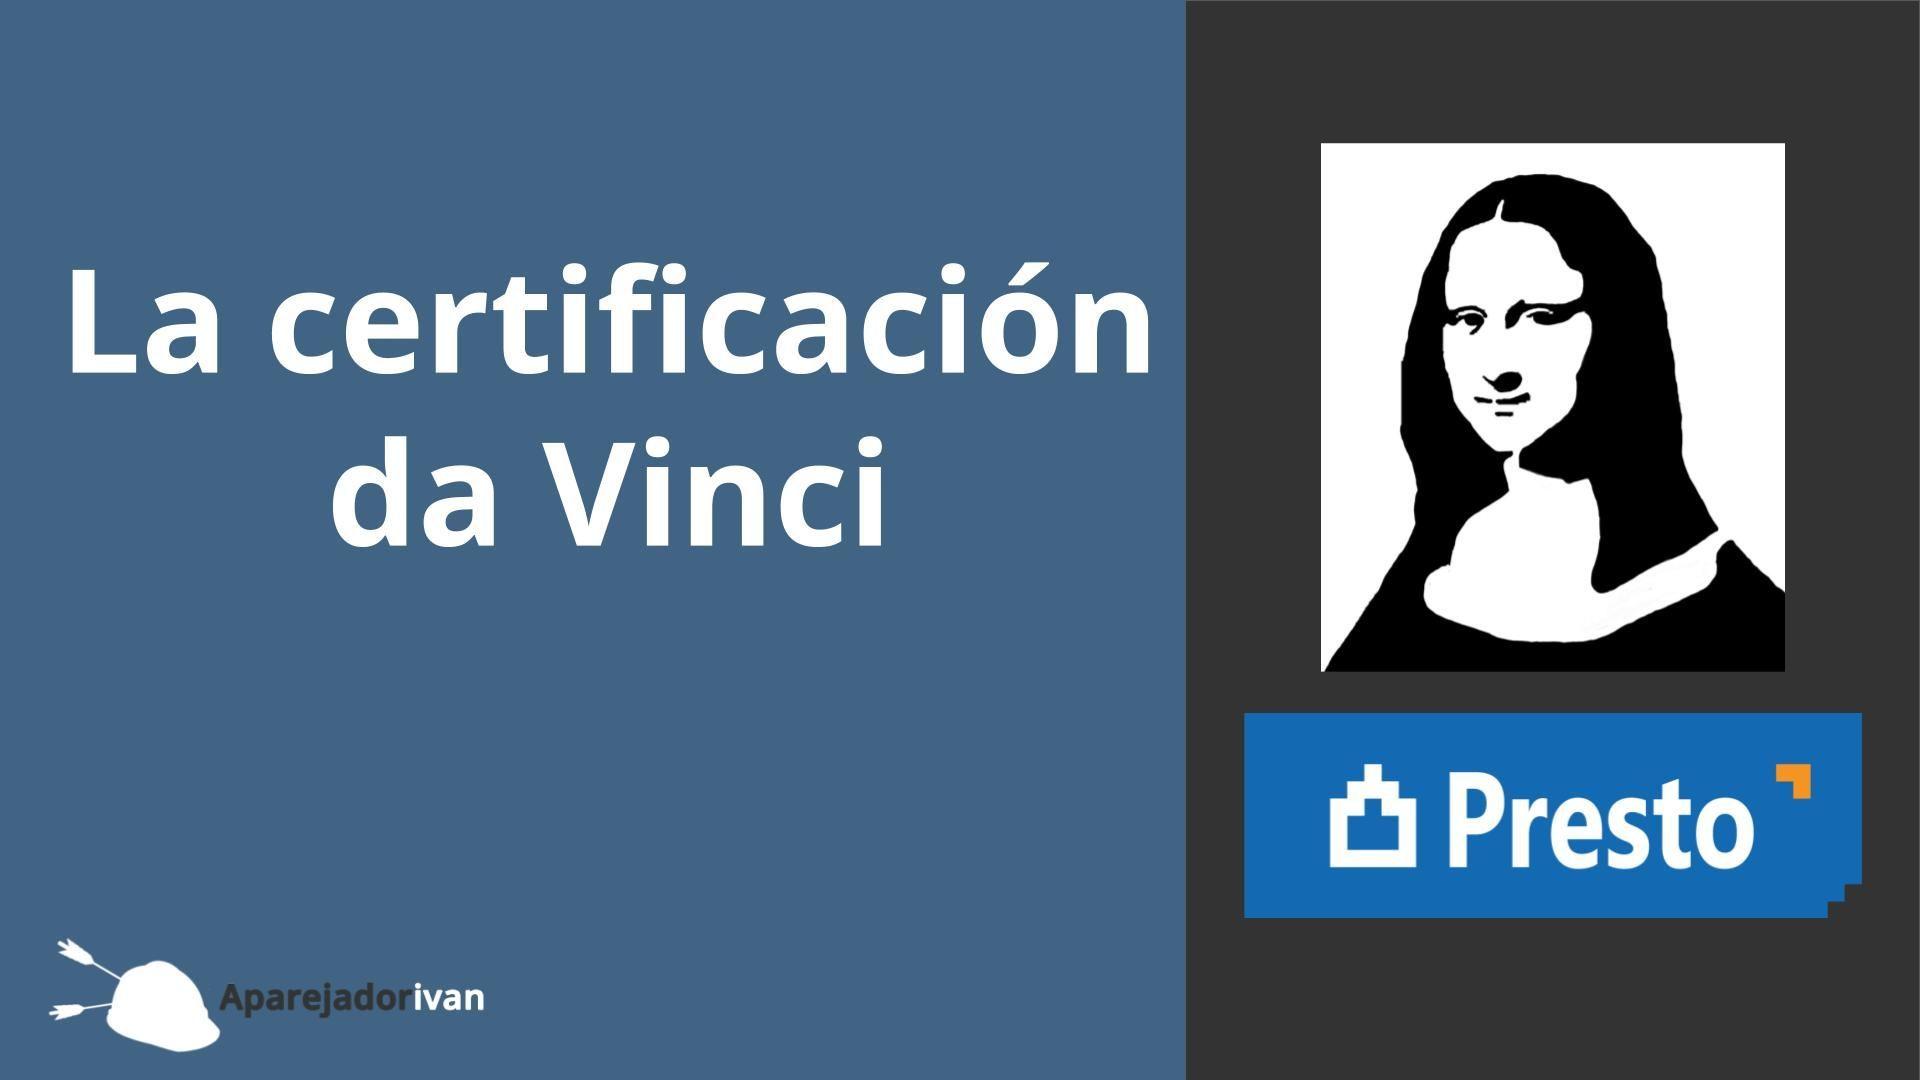 la certificación da vinci